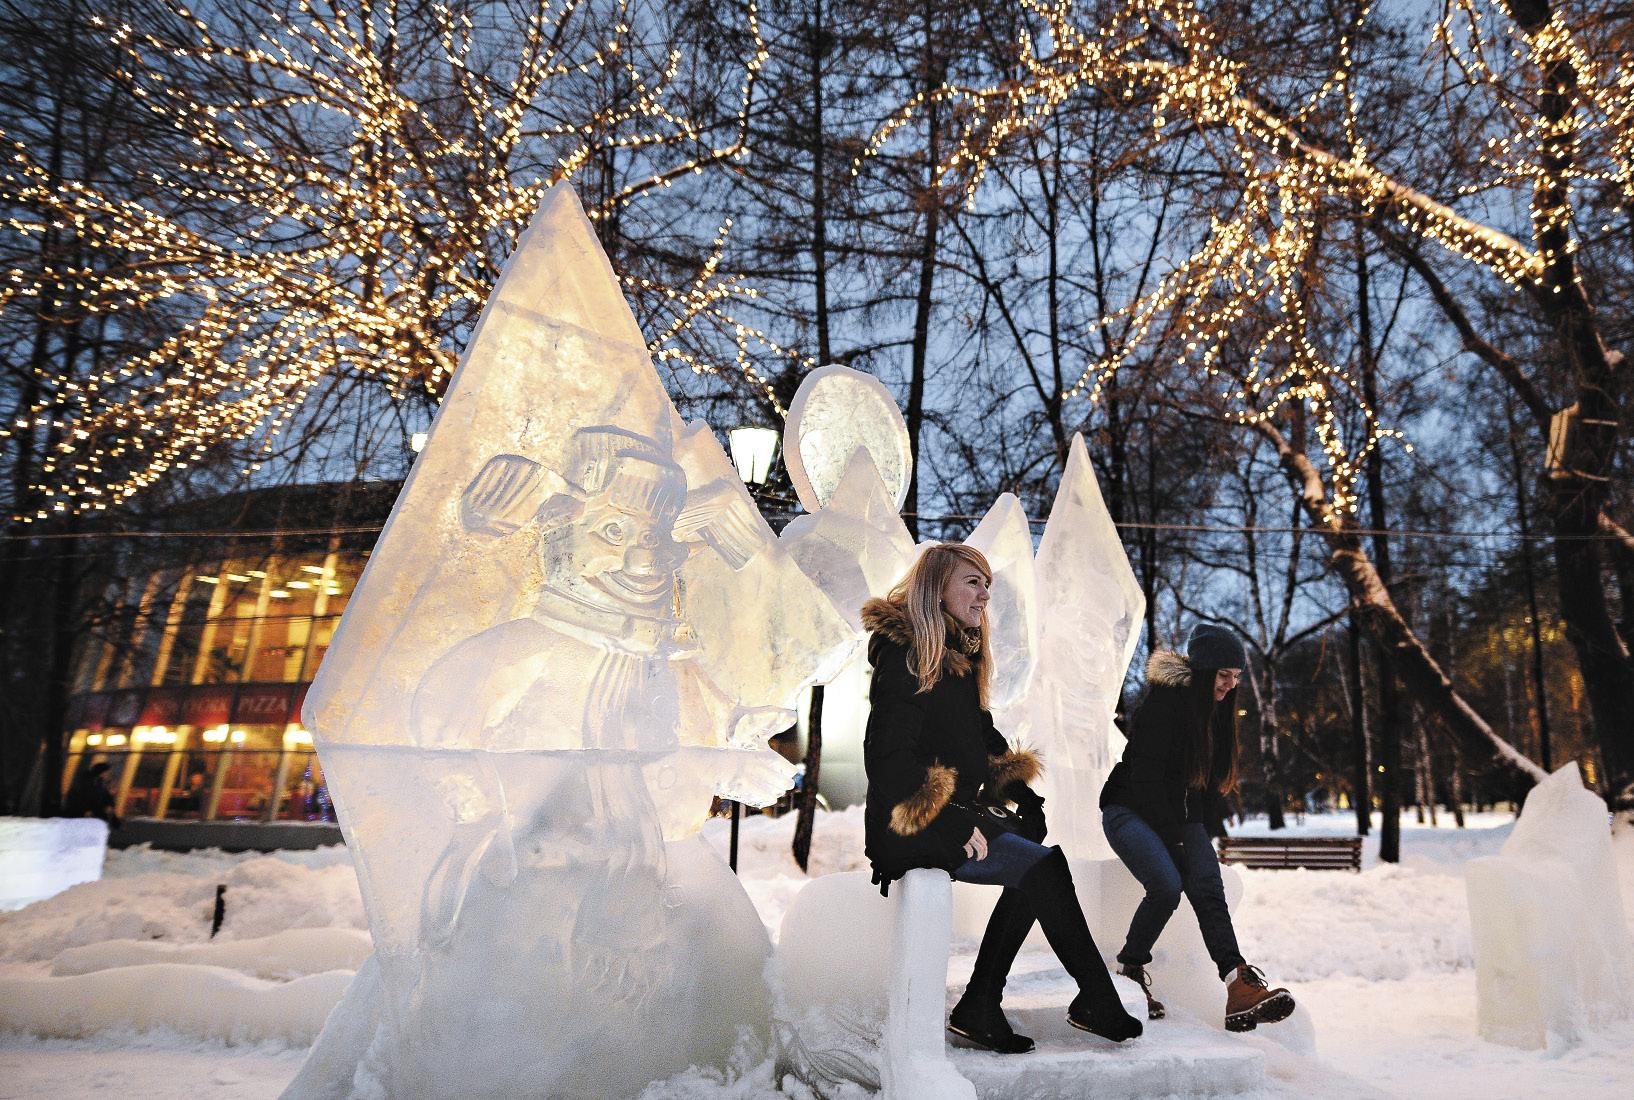 Ледяные скульп-туры фантастически меняют облик русских городов. Вот и площадь Ленина в Новосибирске кажется декорацией к сказке.